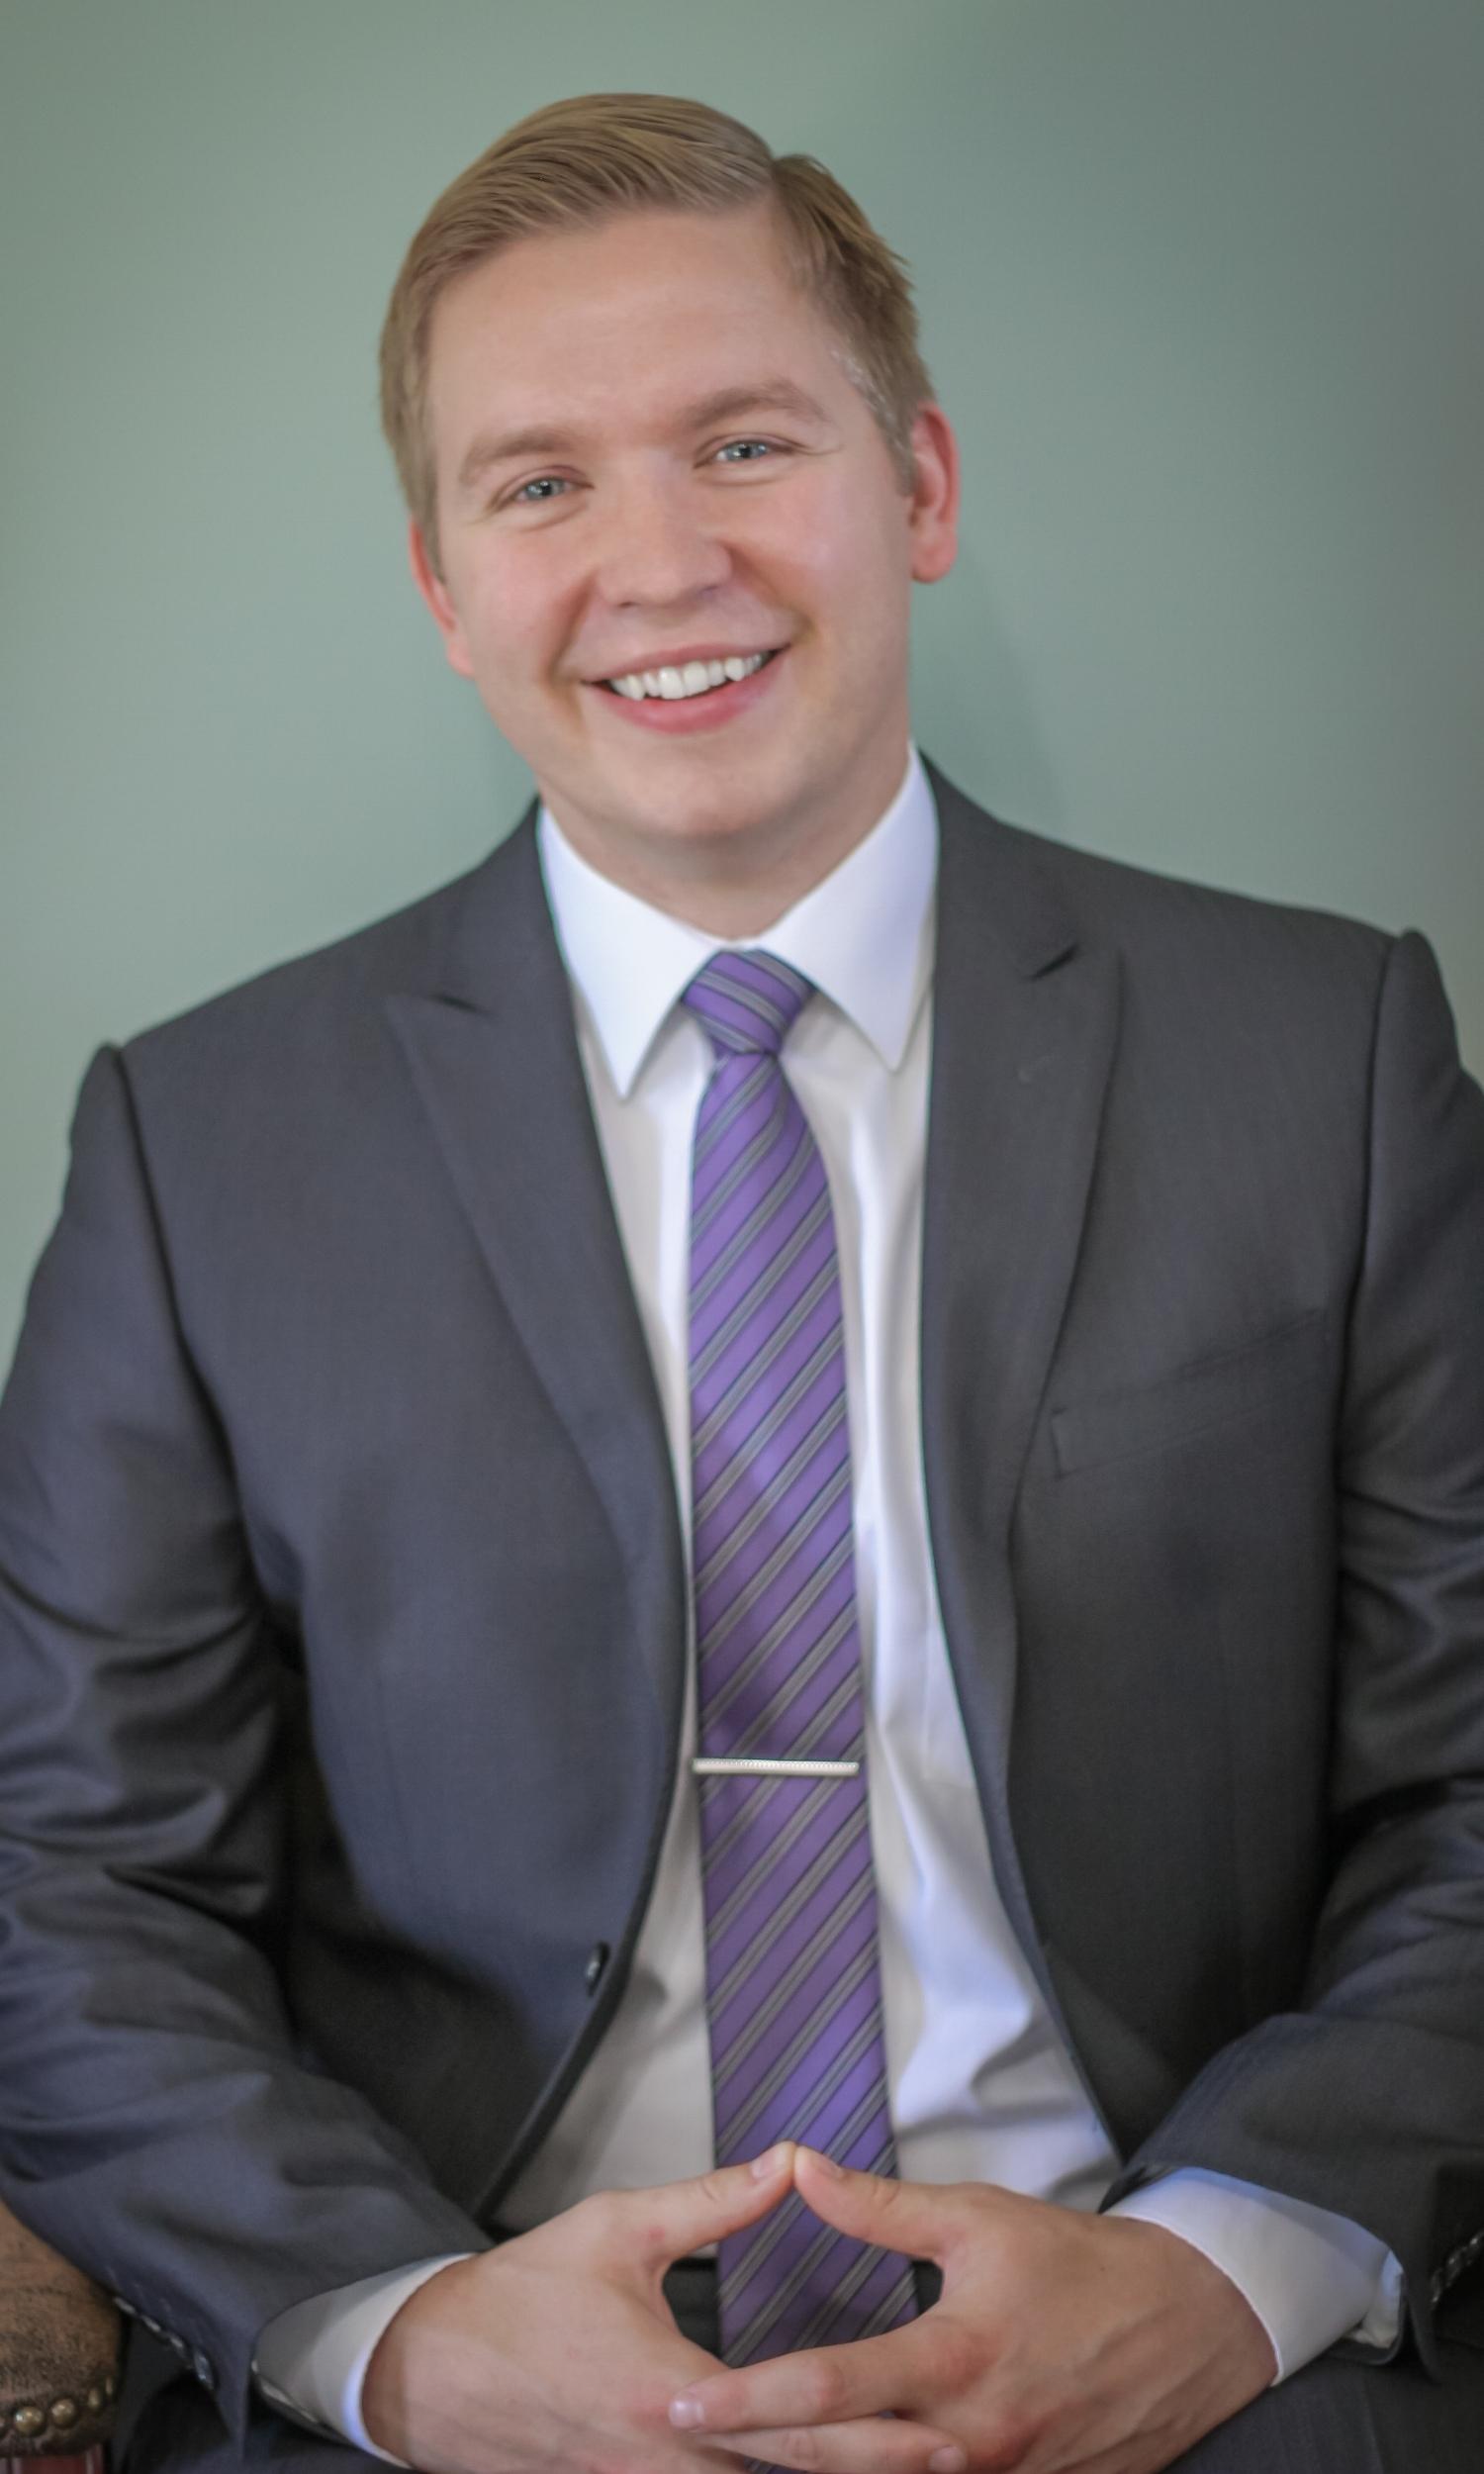 Dr. Alex Wolfe - Upper Cervical Chiropractor in Metamora, MI